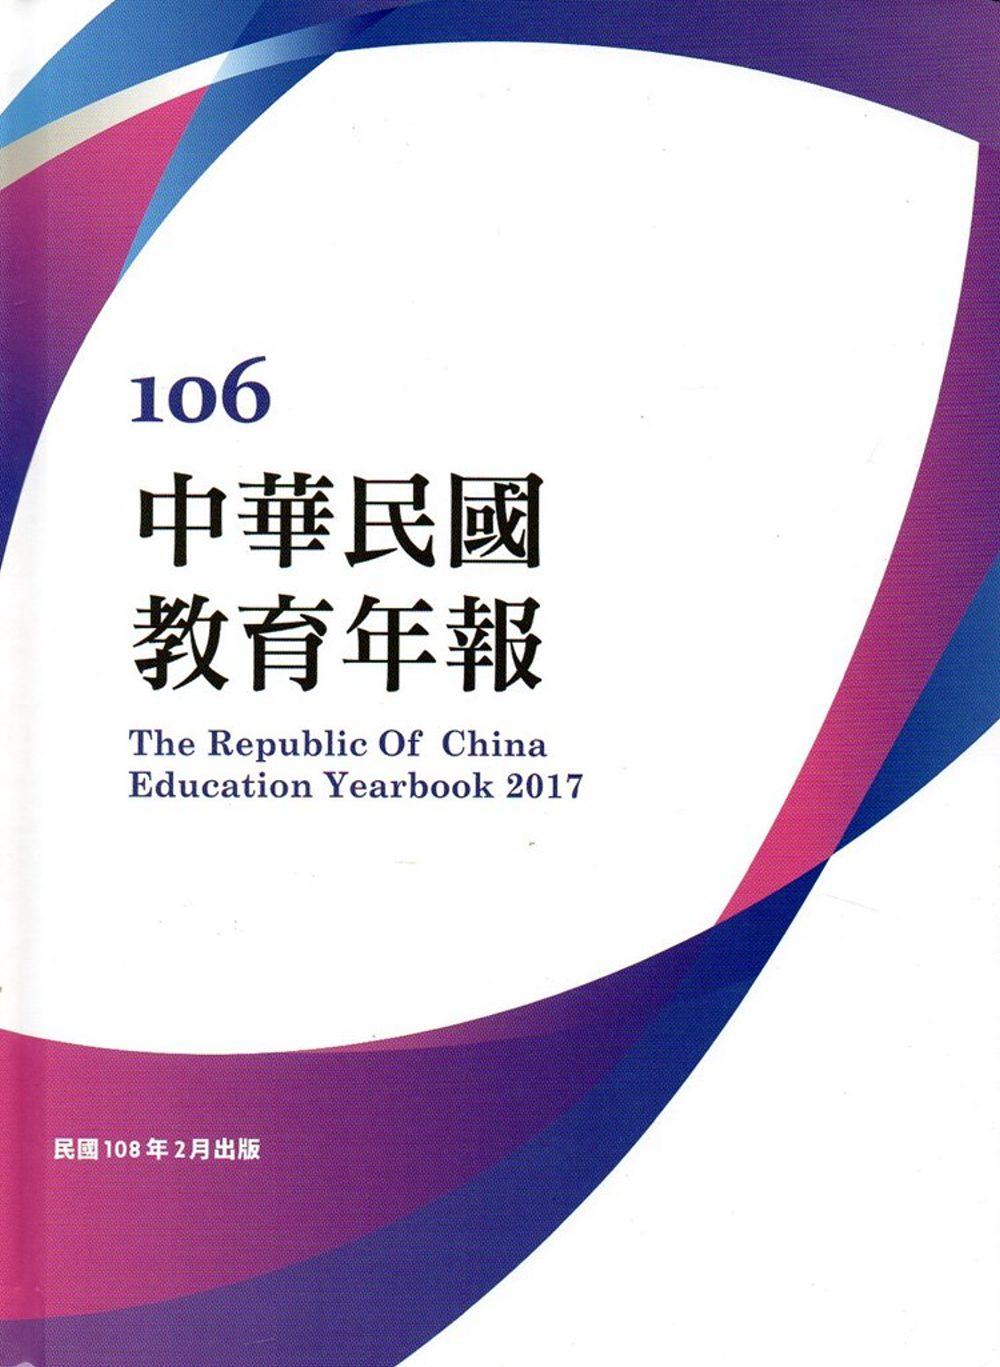 中華民國教育年報106年(附光碟)